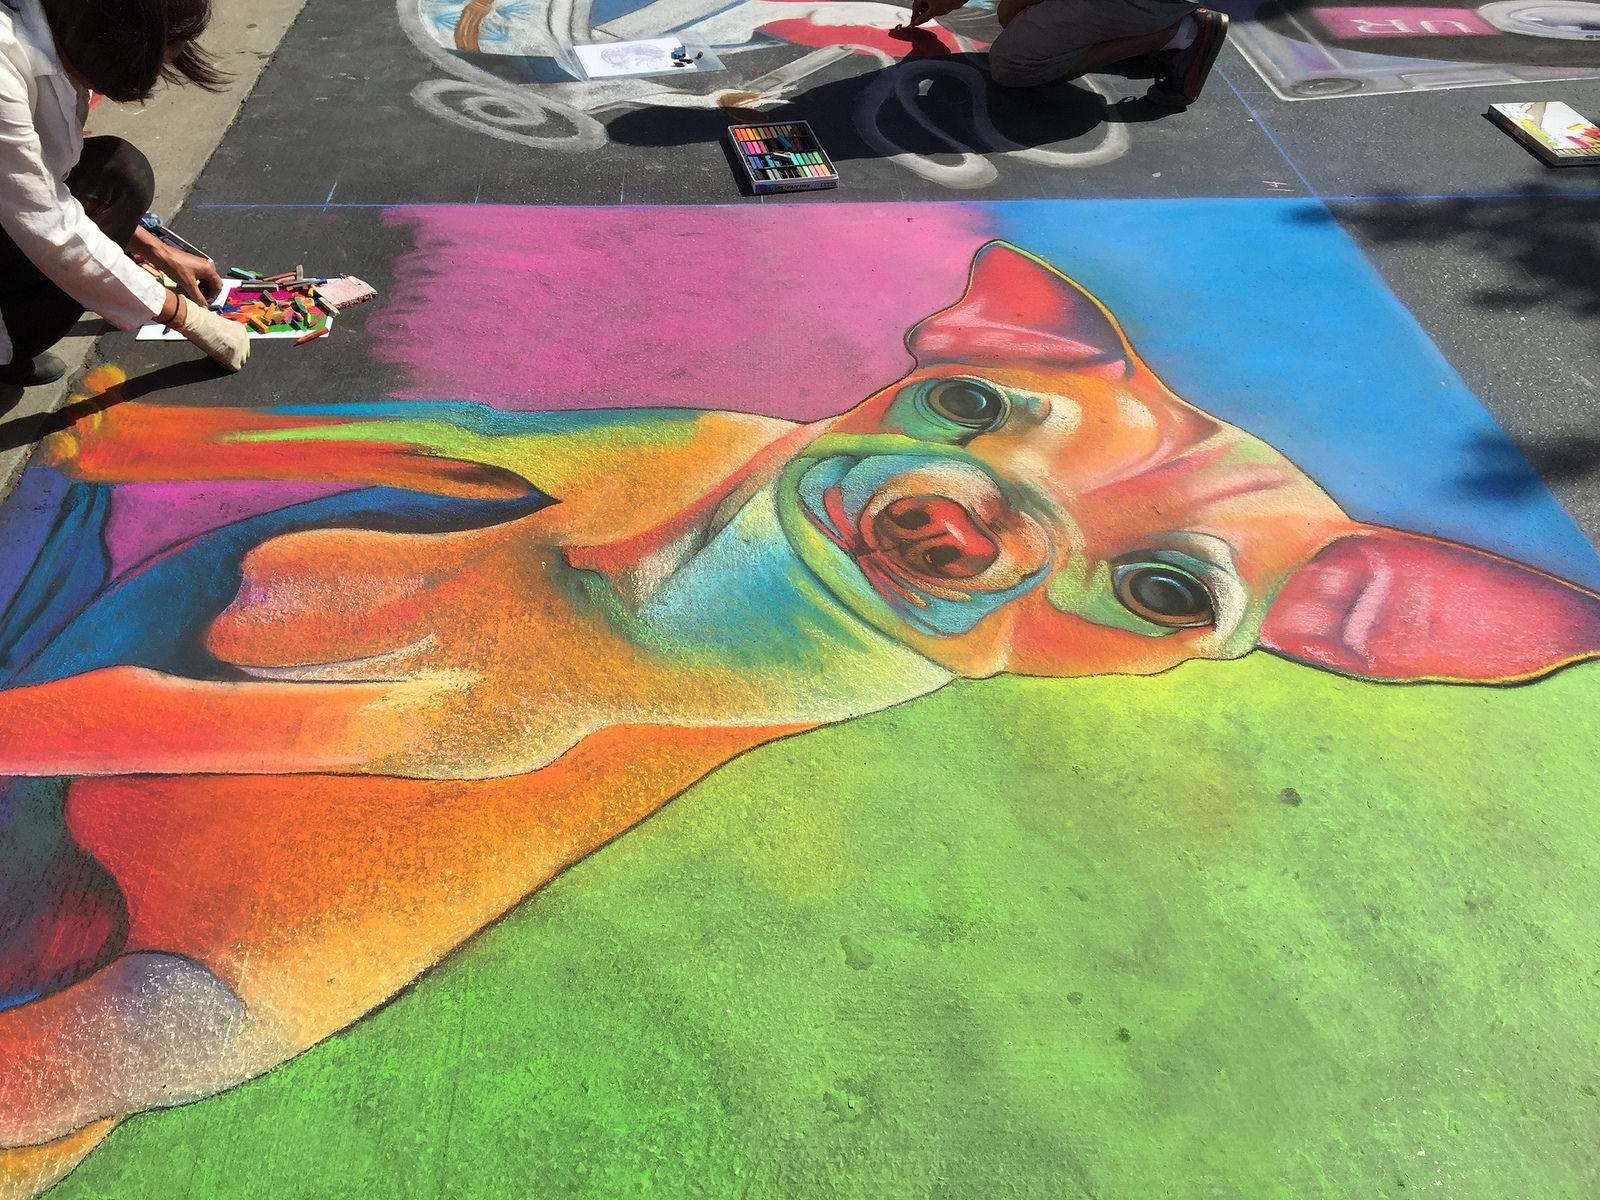 chalk festival7 Chalk Festival in Westlake Shopping Center